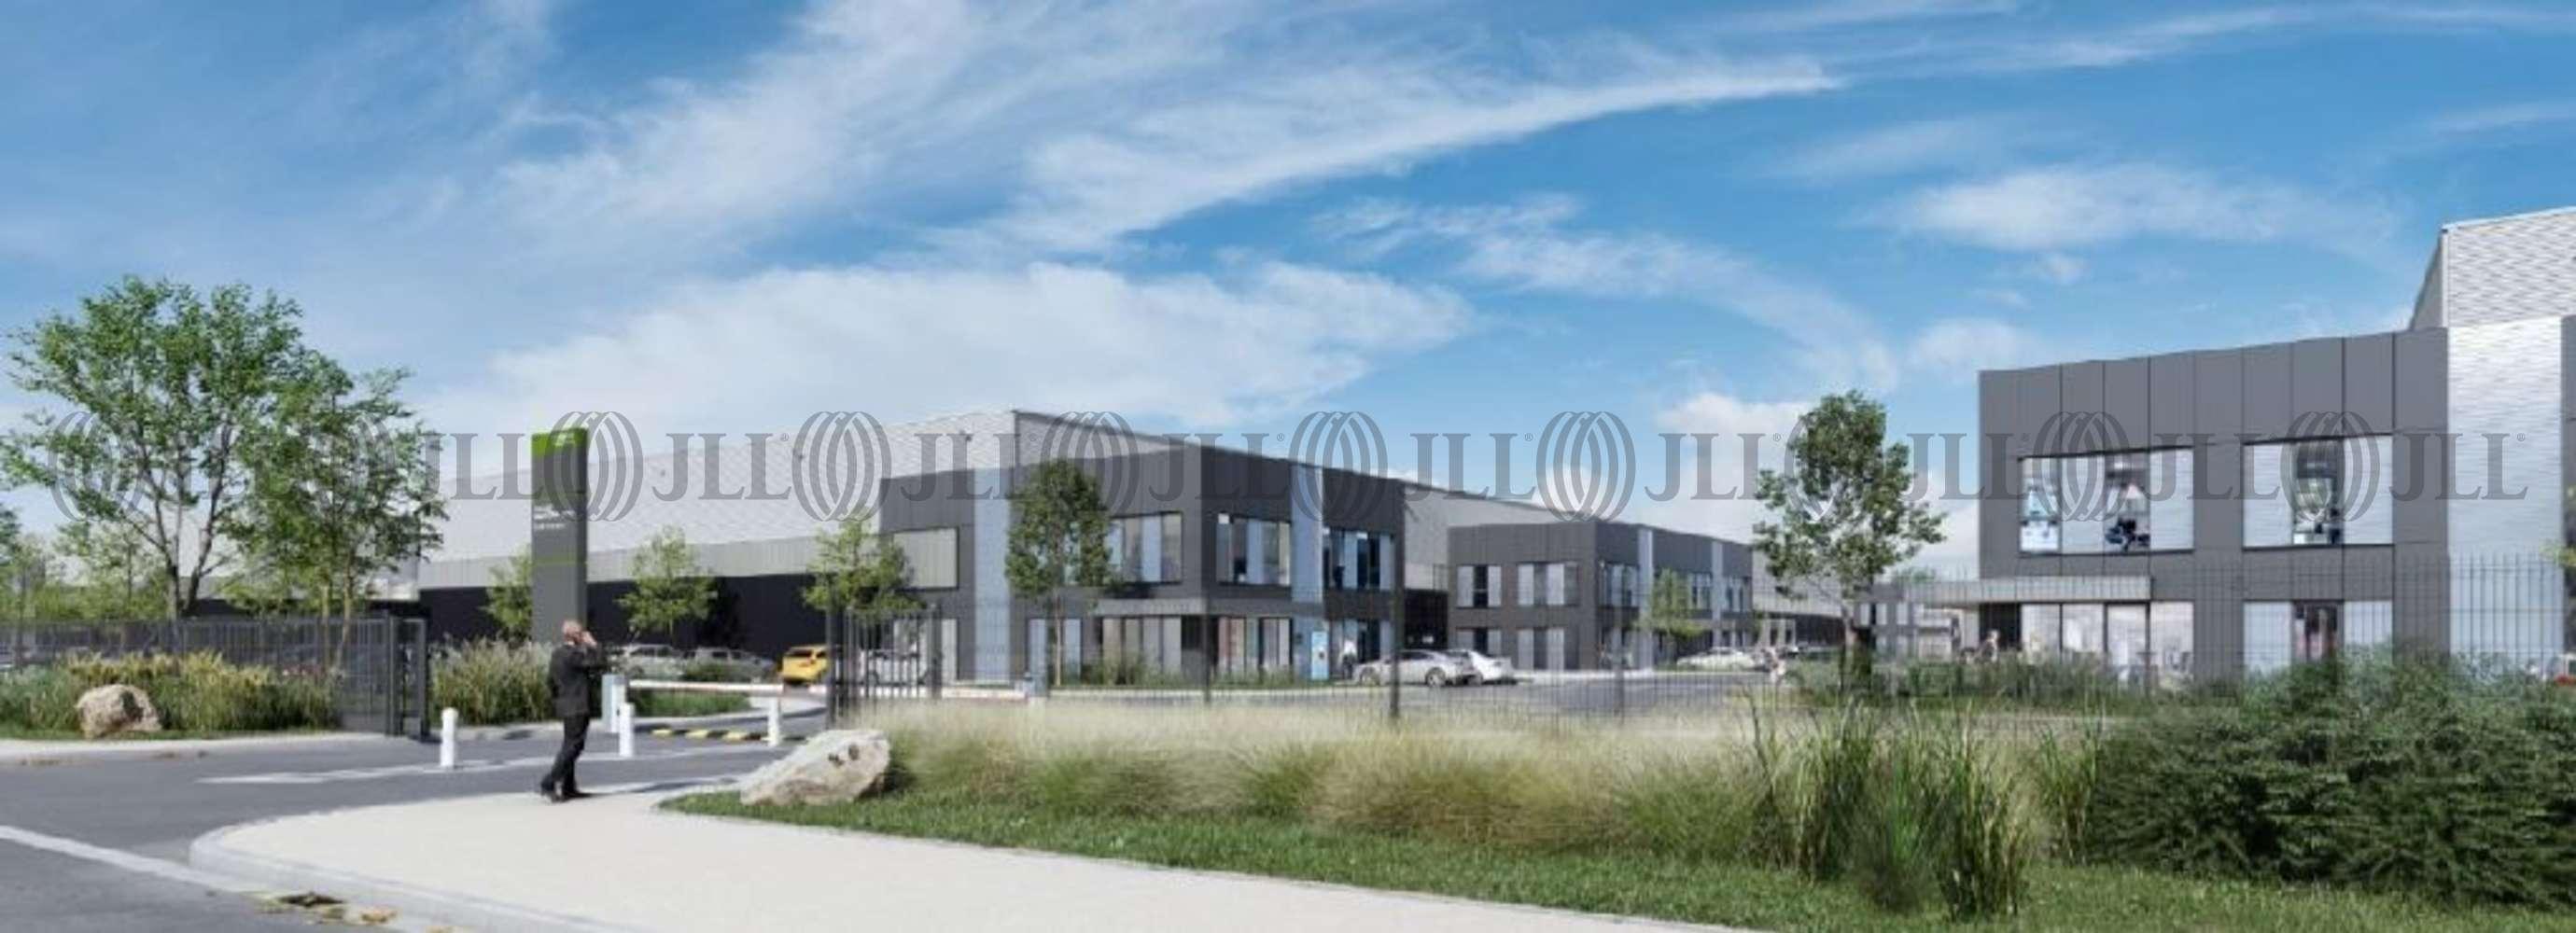 Activités/entrepôt Le bourget, 93350 - ACTIPOLE - 10372945